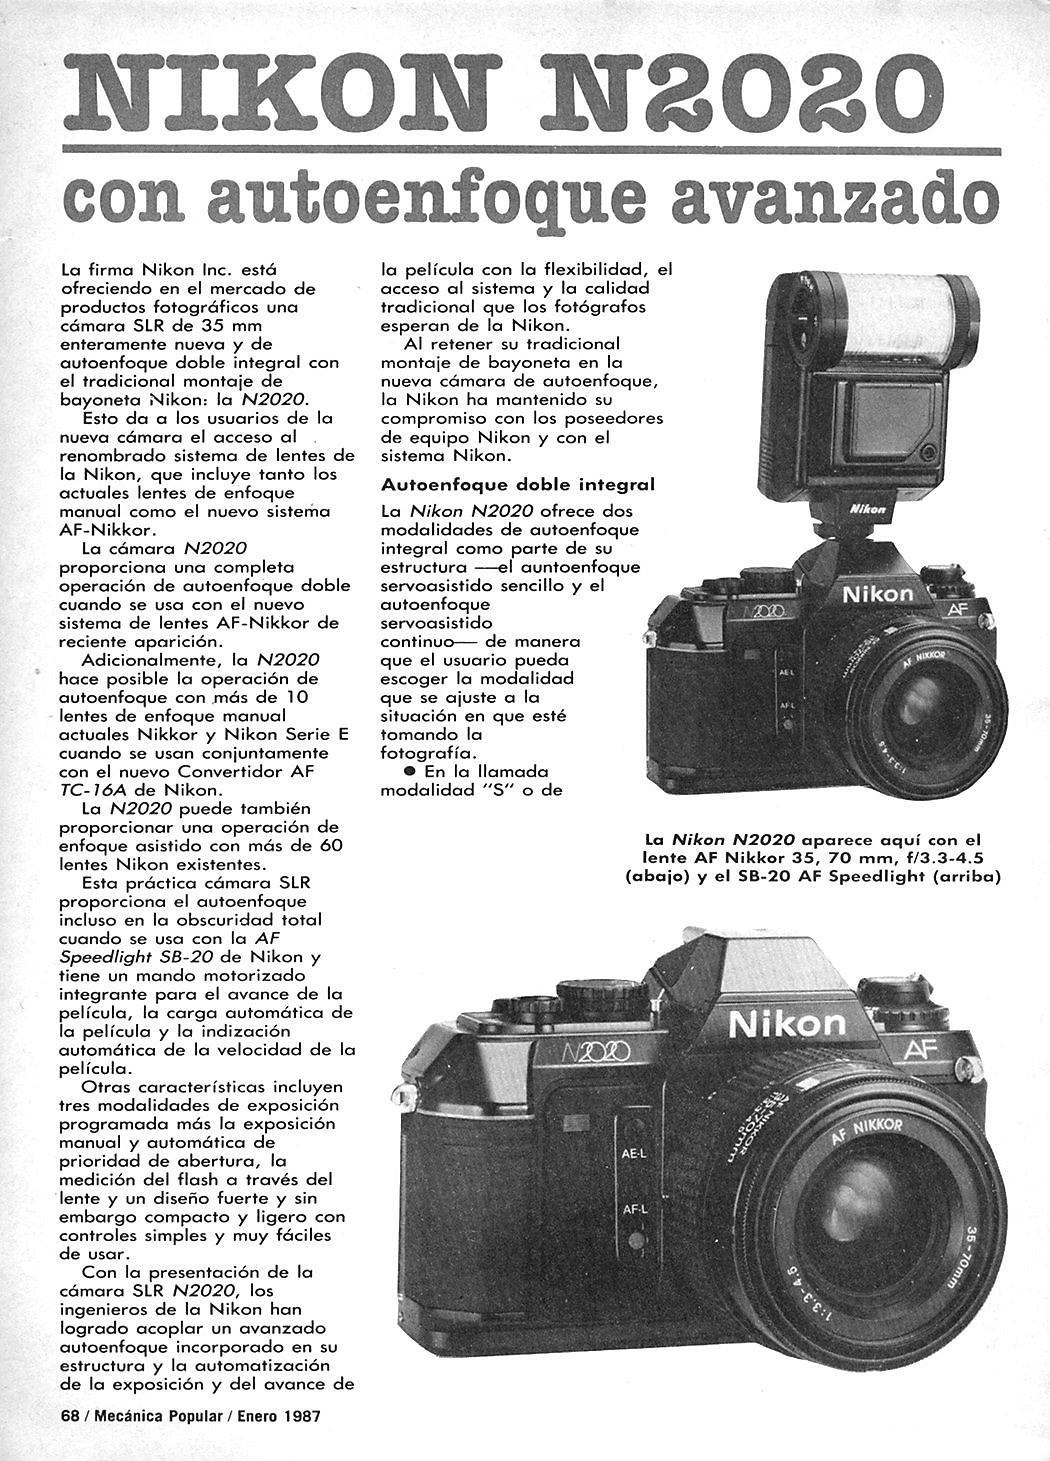 fotografia-nikon-N2020-enero-1987-01g.jp